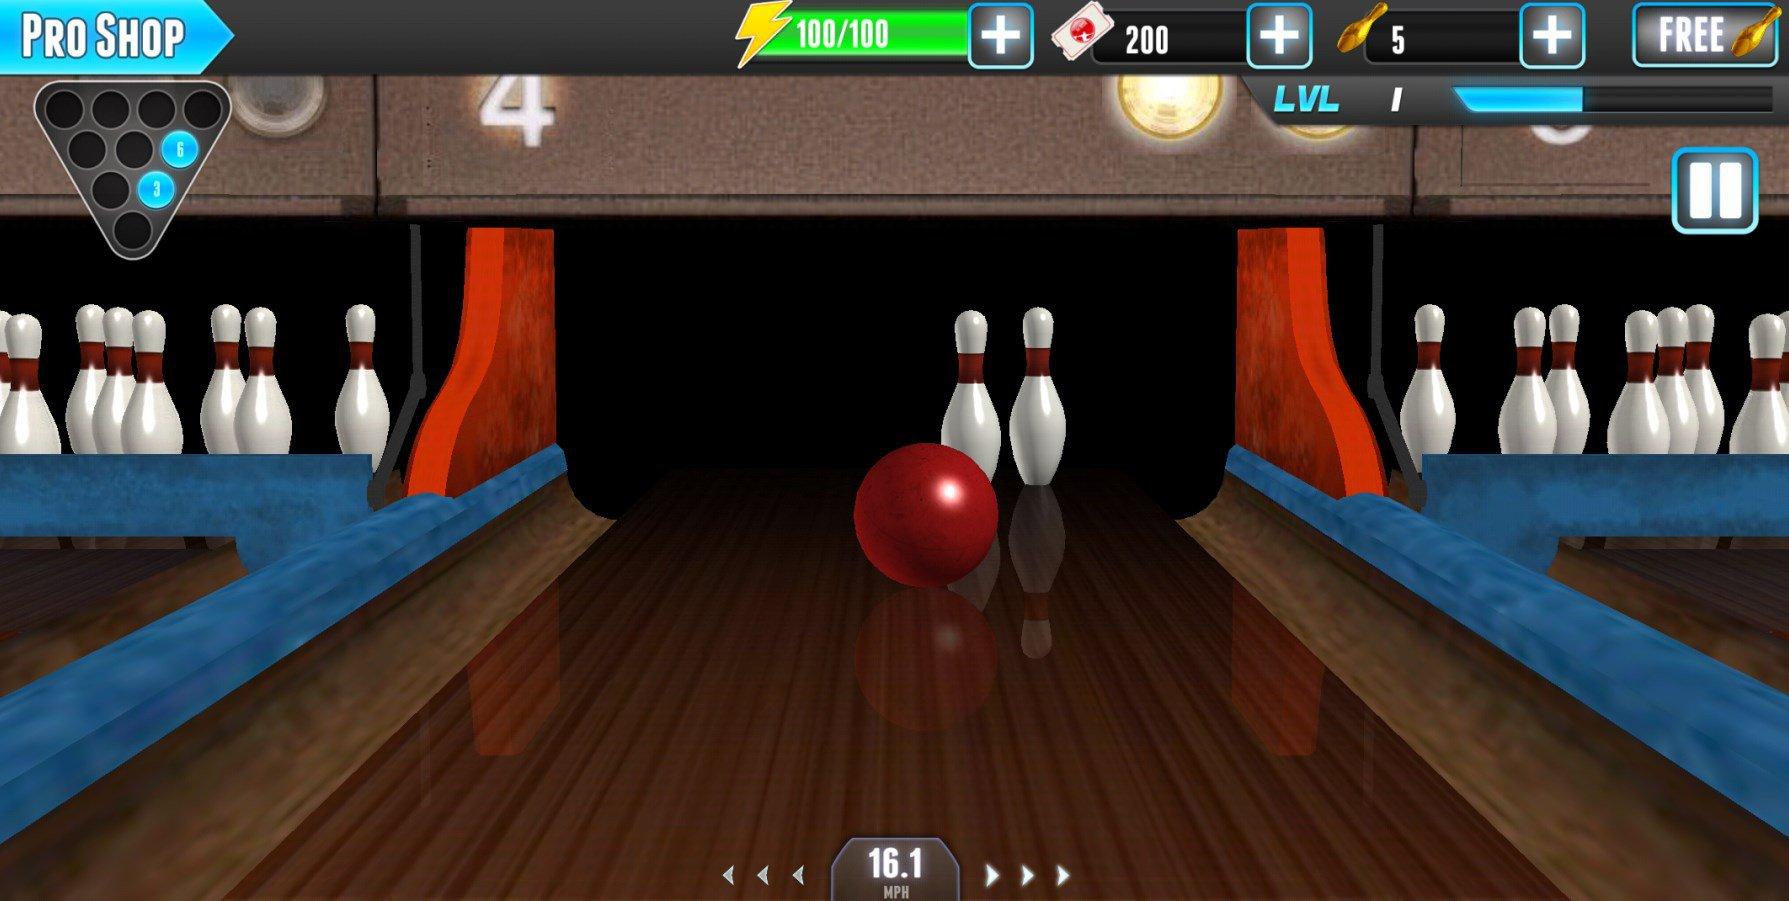 Pba Bowling Challenge 3.7.0 - Télécharger Pour Android Apk pour Jeux De Bouligue